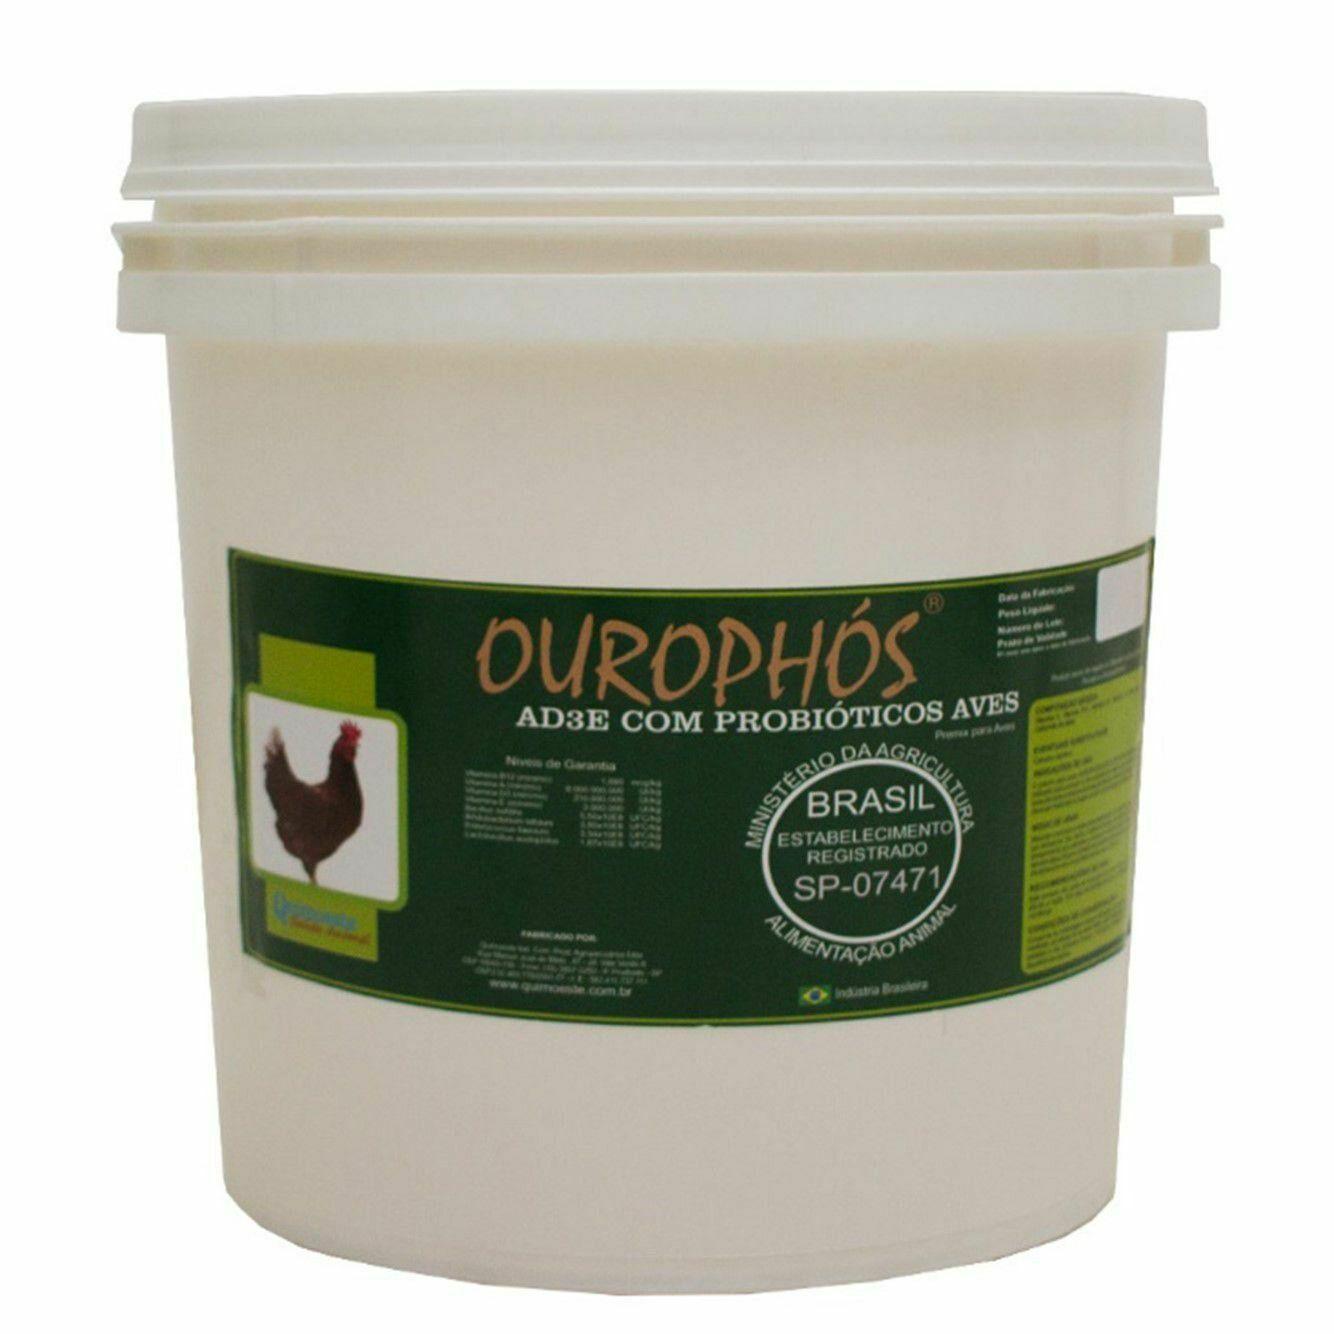 Ourophós AD3E Aves - c/ Probióticos